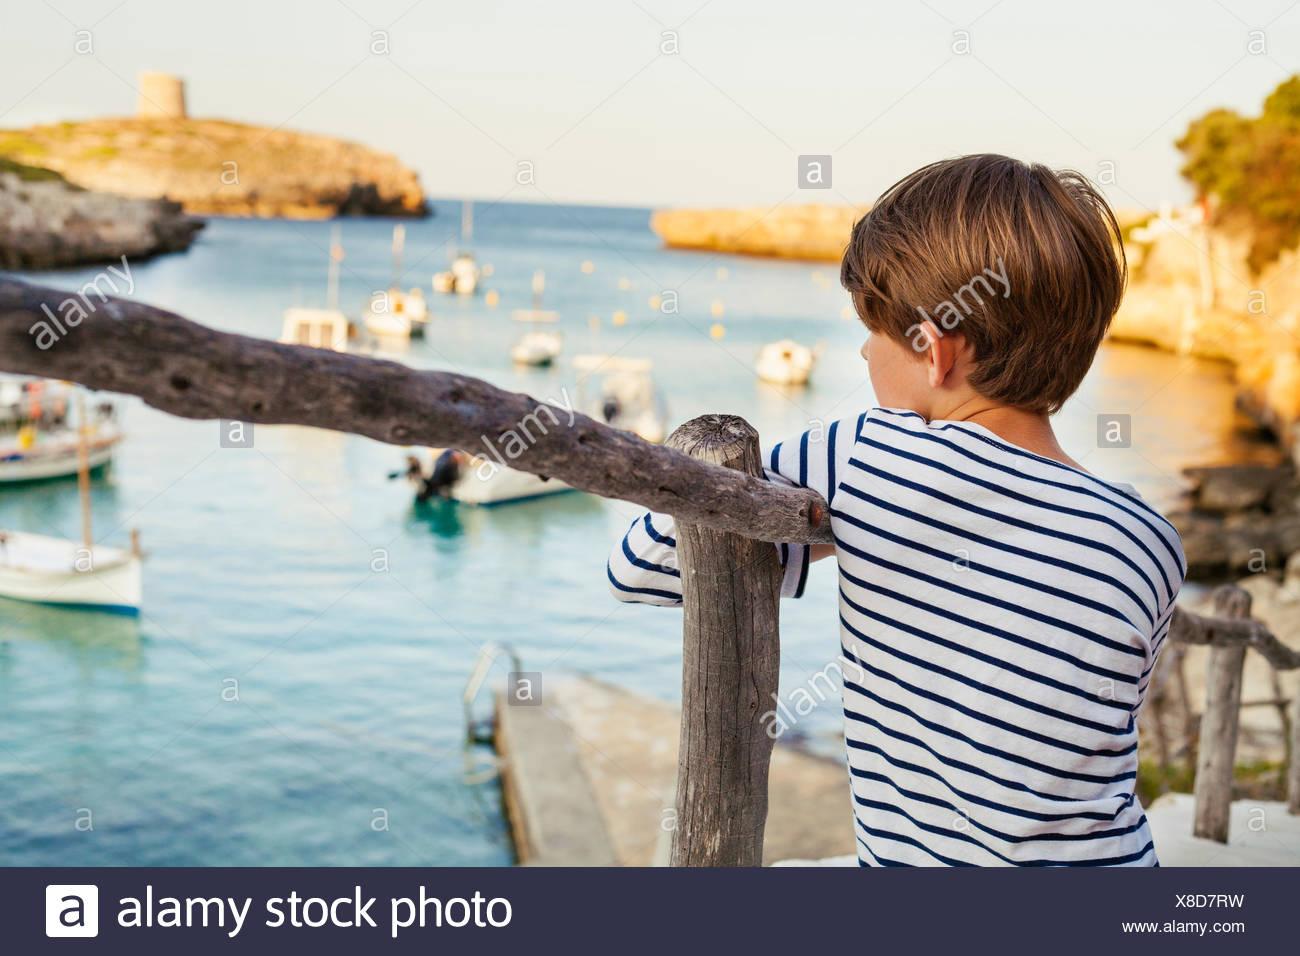 Spagna, Menorca, ragazzo (6-7) guardando vista mare Immagini Stock